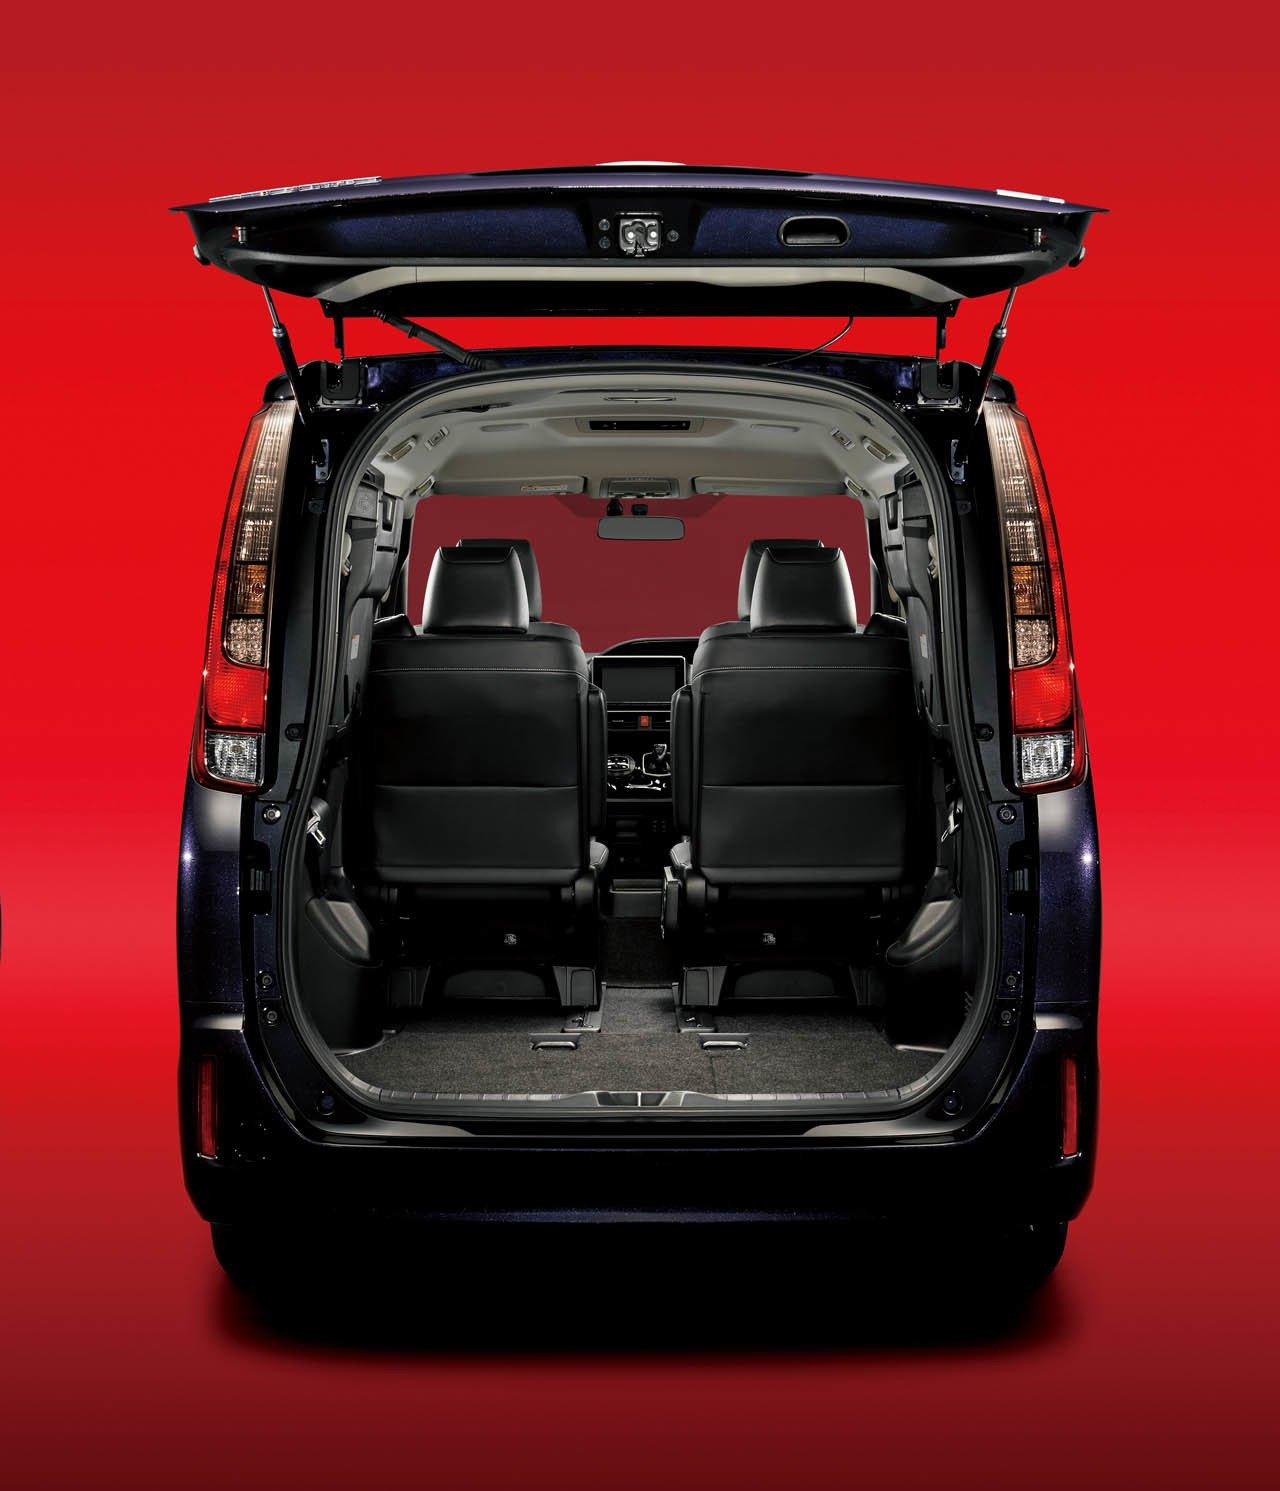 Toyota Esquire минивэн для японских бизнесменов